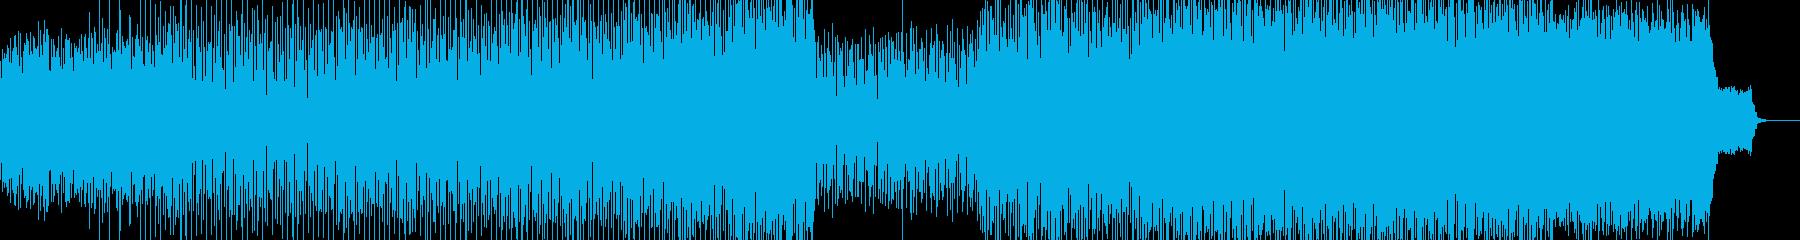 エンドロールに合うテクノバラードの再生済みの波形